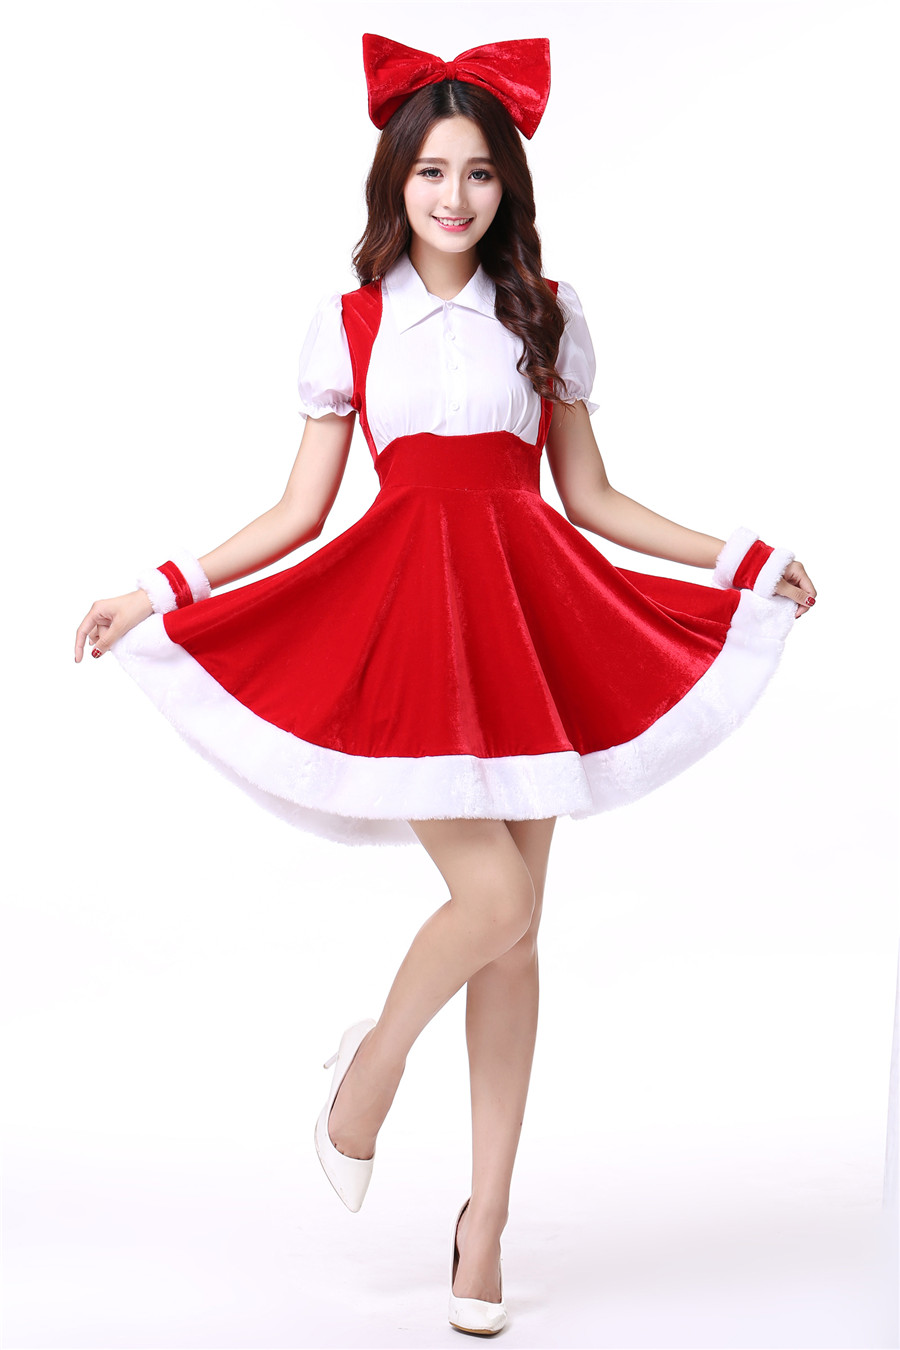 ワンピース サンタさん レッド コスチューム 変装 クリスマス衣装 M/XL ベロア調